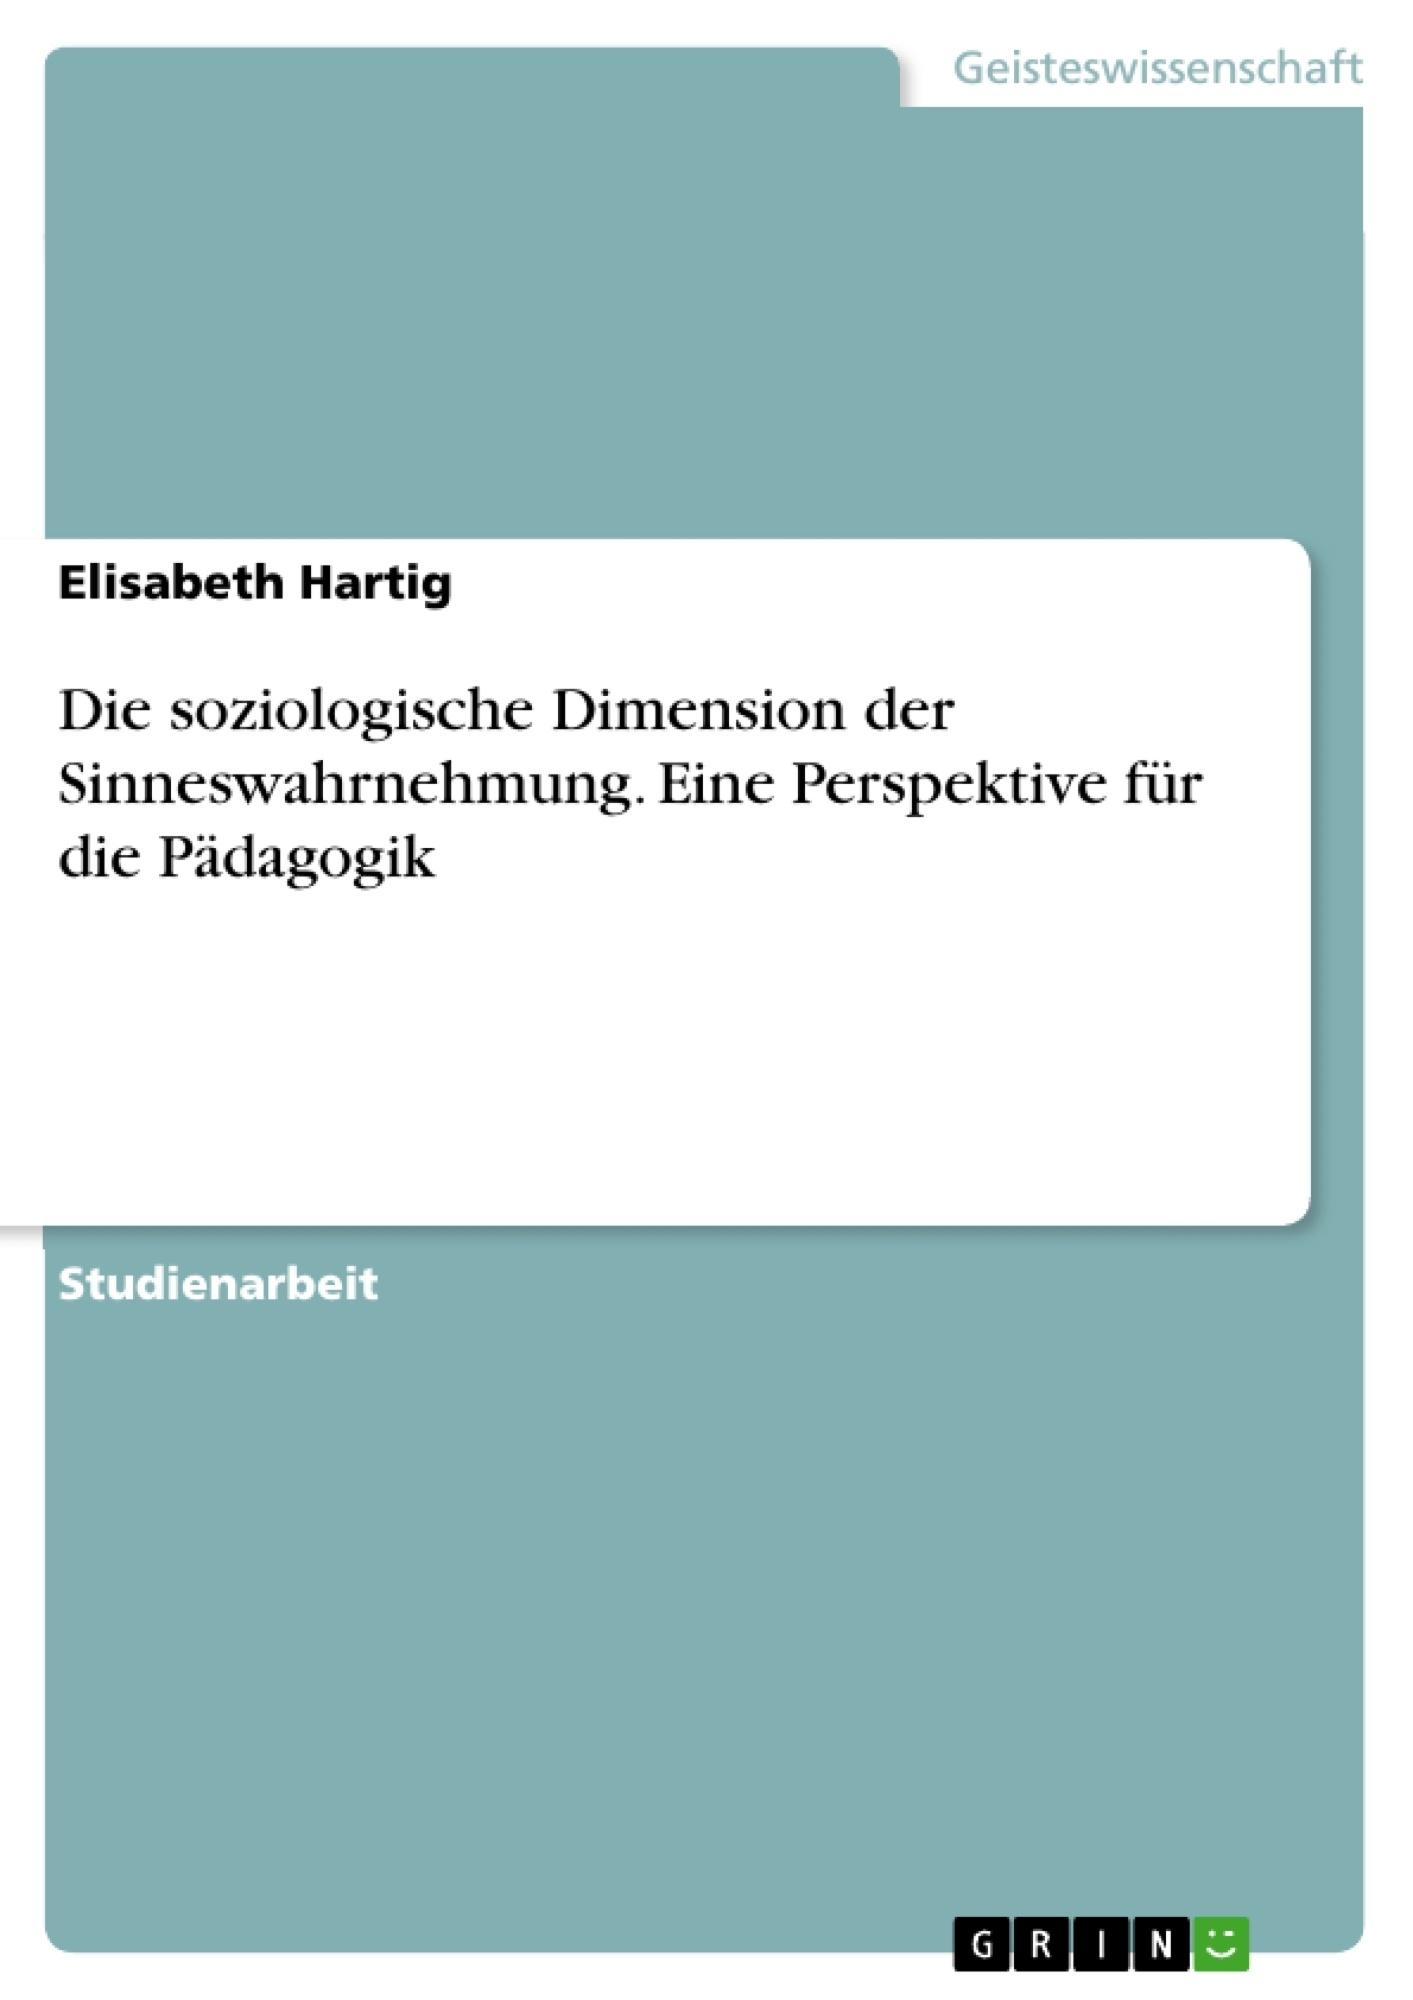 Titel: Die soziologische Dimension der Sinneswahrnehmung. Eine Perspektive für die Pädagogik